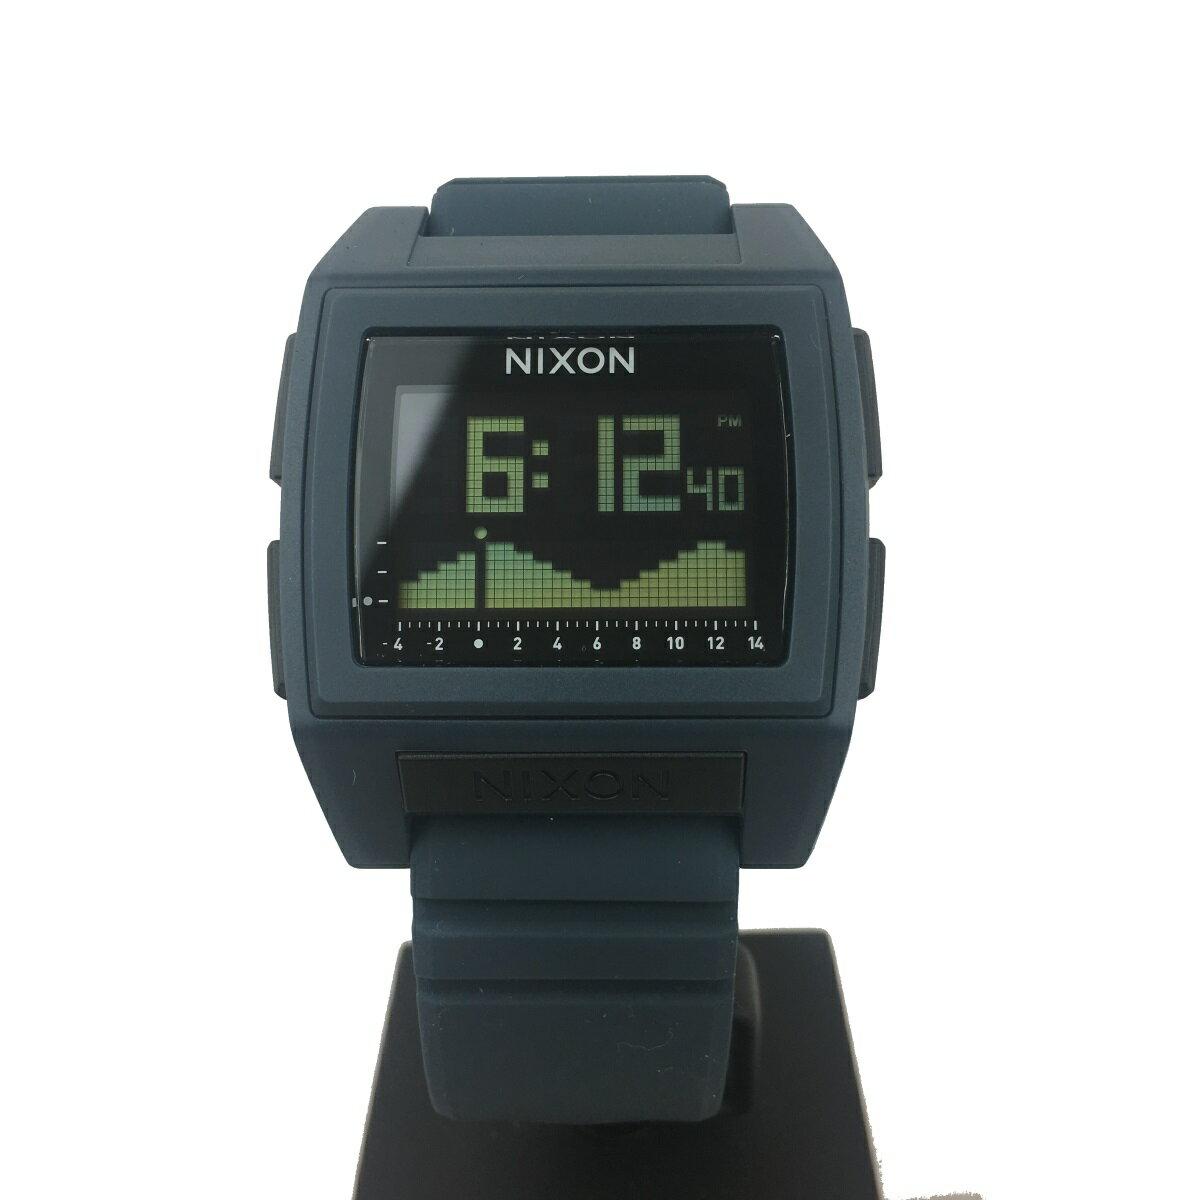 【500円割引クーポン!】 ニクソン 腕時計 NA12122889 [正規3年保証] メンズ NIXON 時計 THE BASE TIDE PRO メンズ nixon 入学祝い 誕生日 彼氏 プレゼント おしゃれ ブランド おすすめ 人気